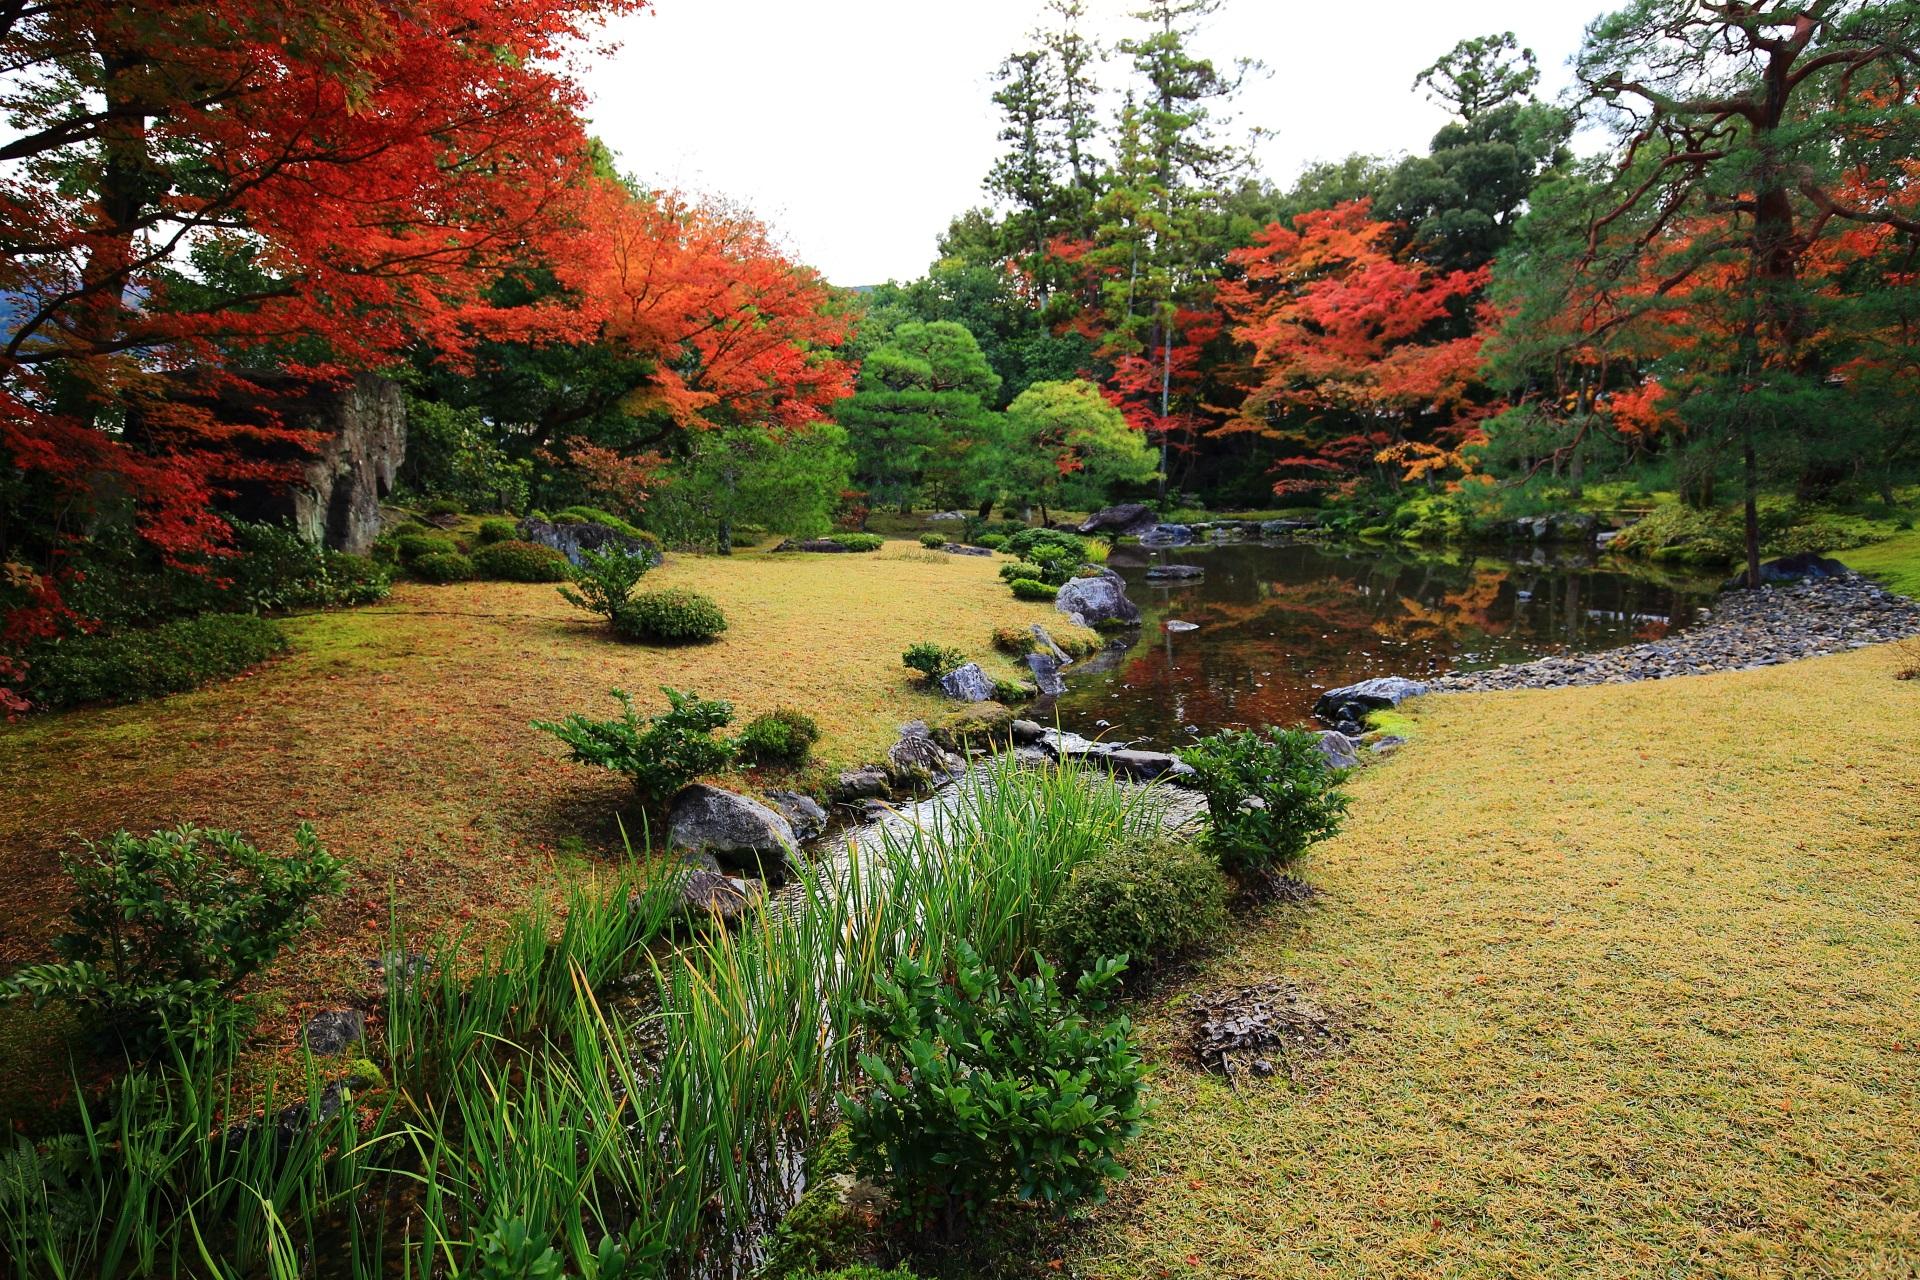 琵琶湖疏水が取り入れられた無鄰菴の池泉式の庭園